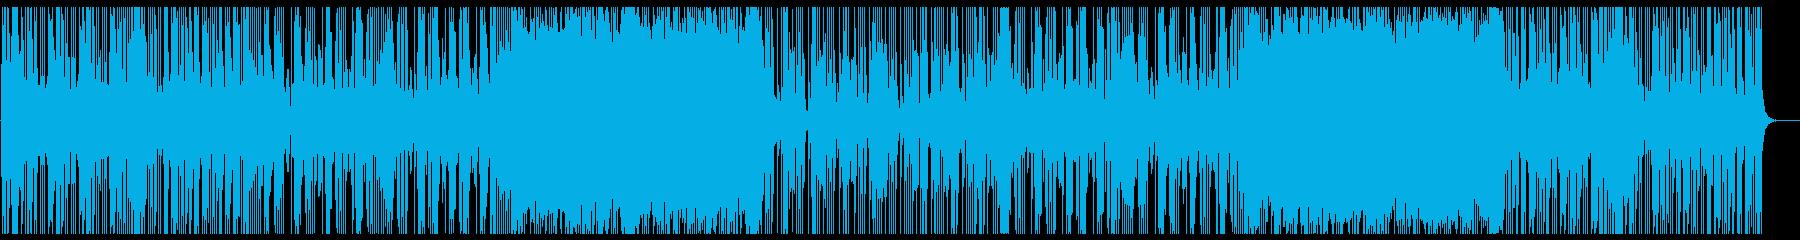 【メロ抜き】アップテンポな爽やかギターロの再生済みの波形